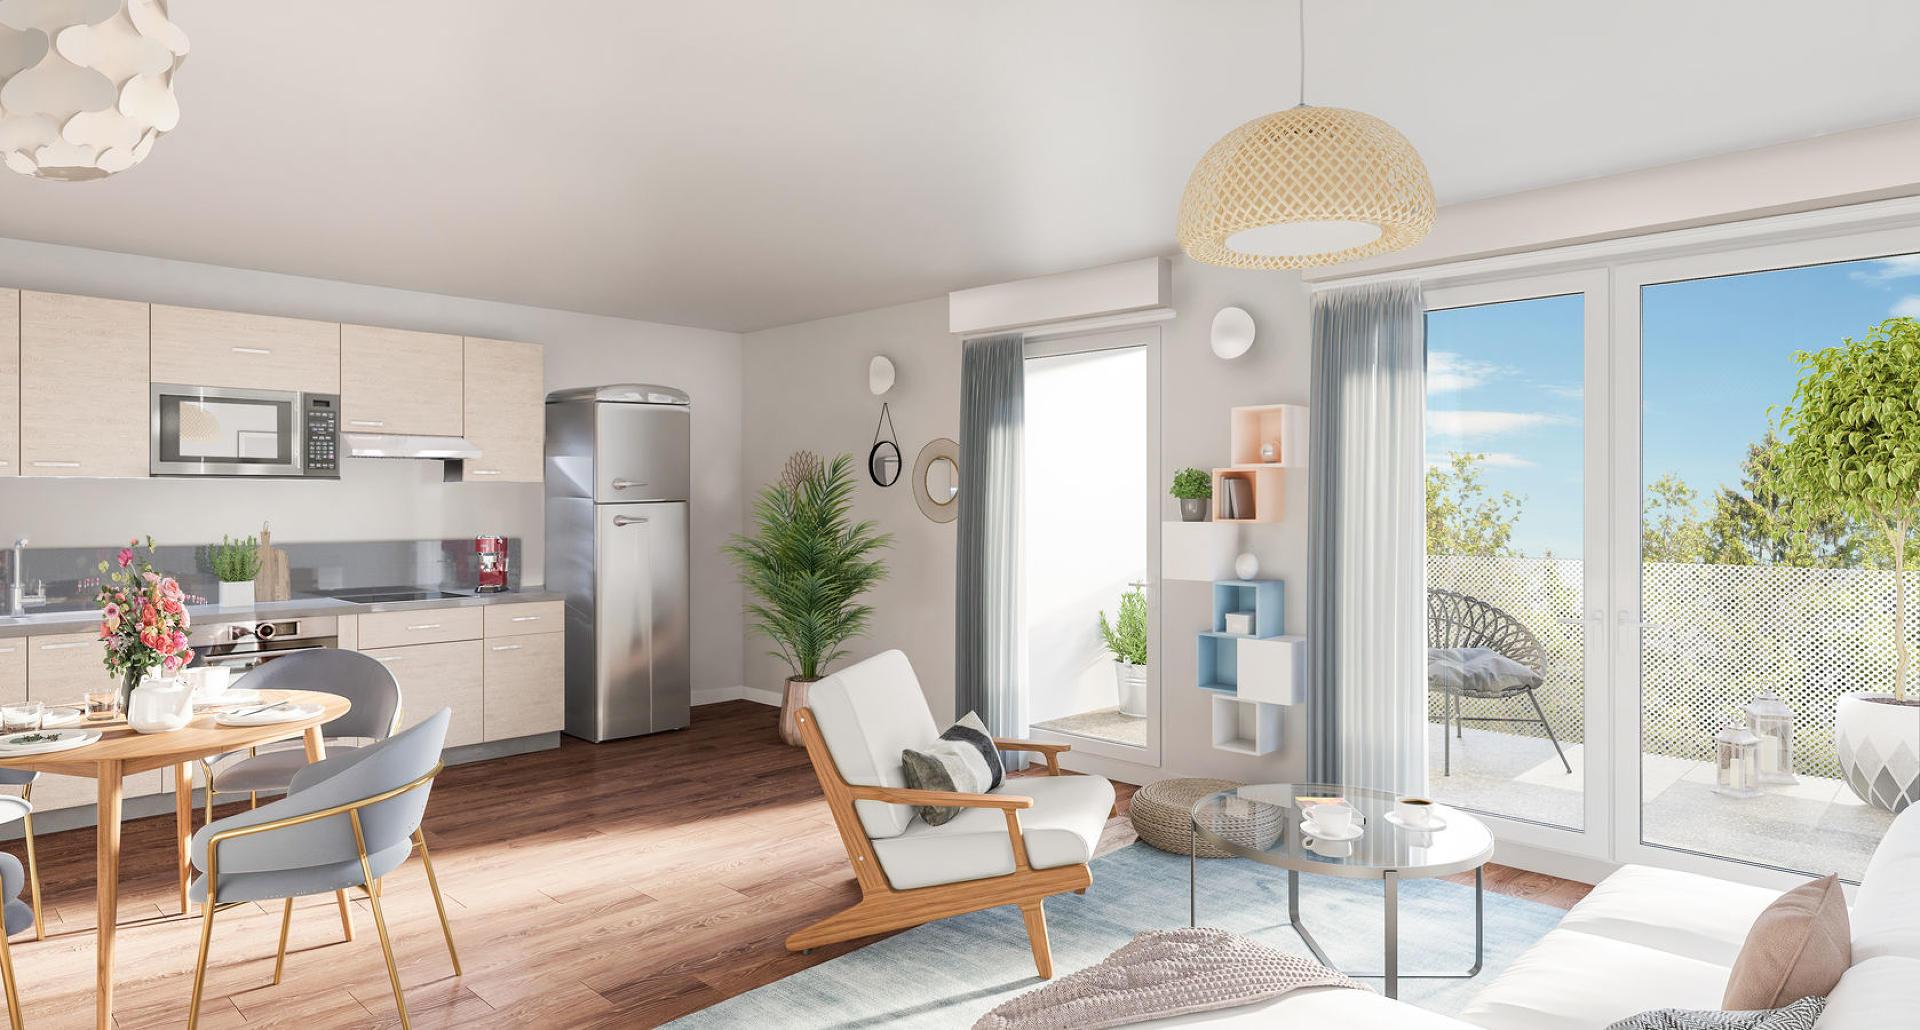 Programme immobilier Aix-Les-Bains (73100) Environnement calme et vert VAL51